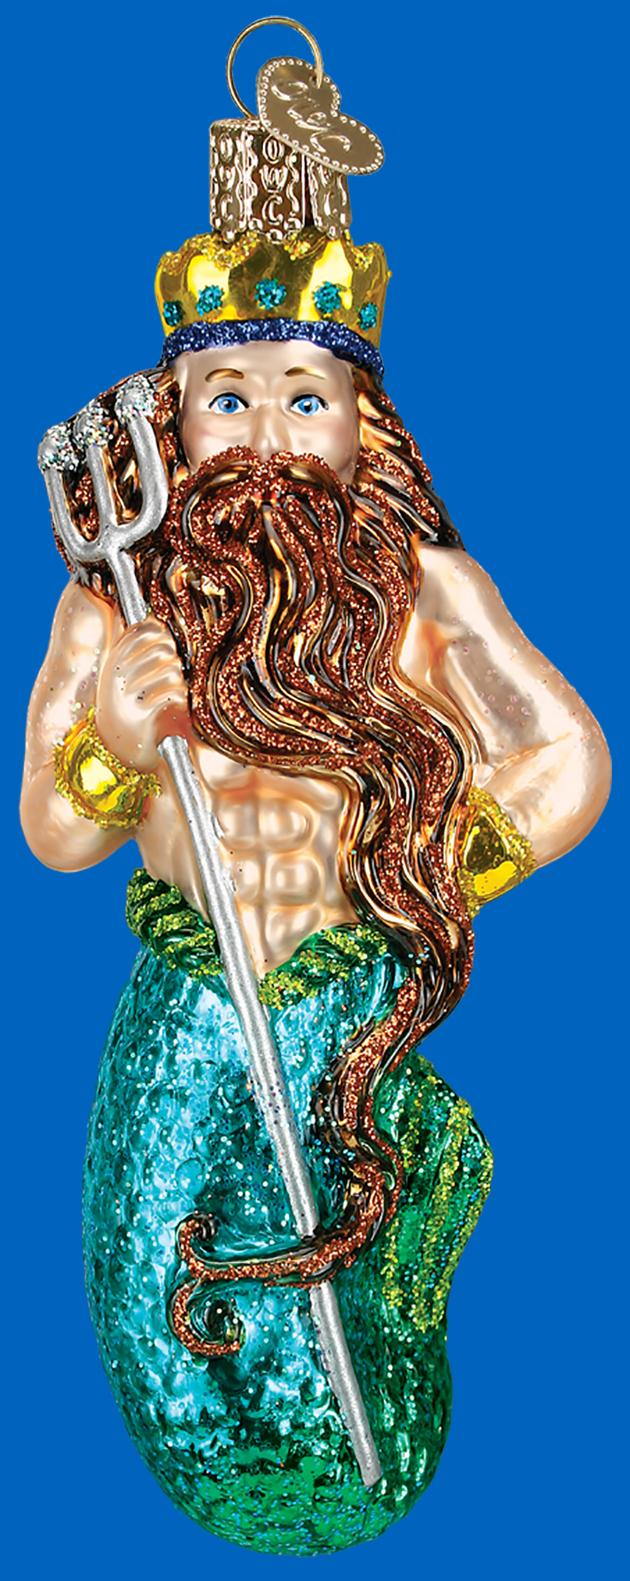 Old World Neptune